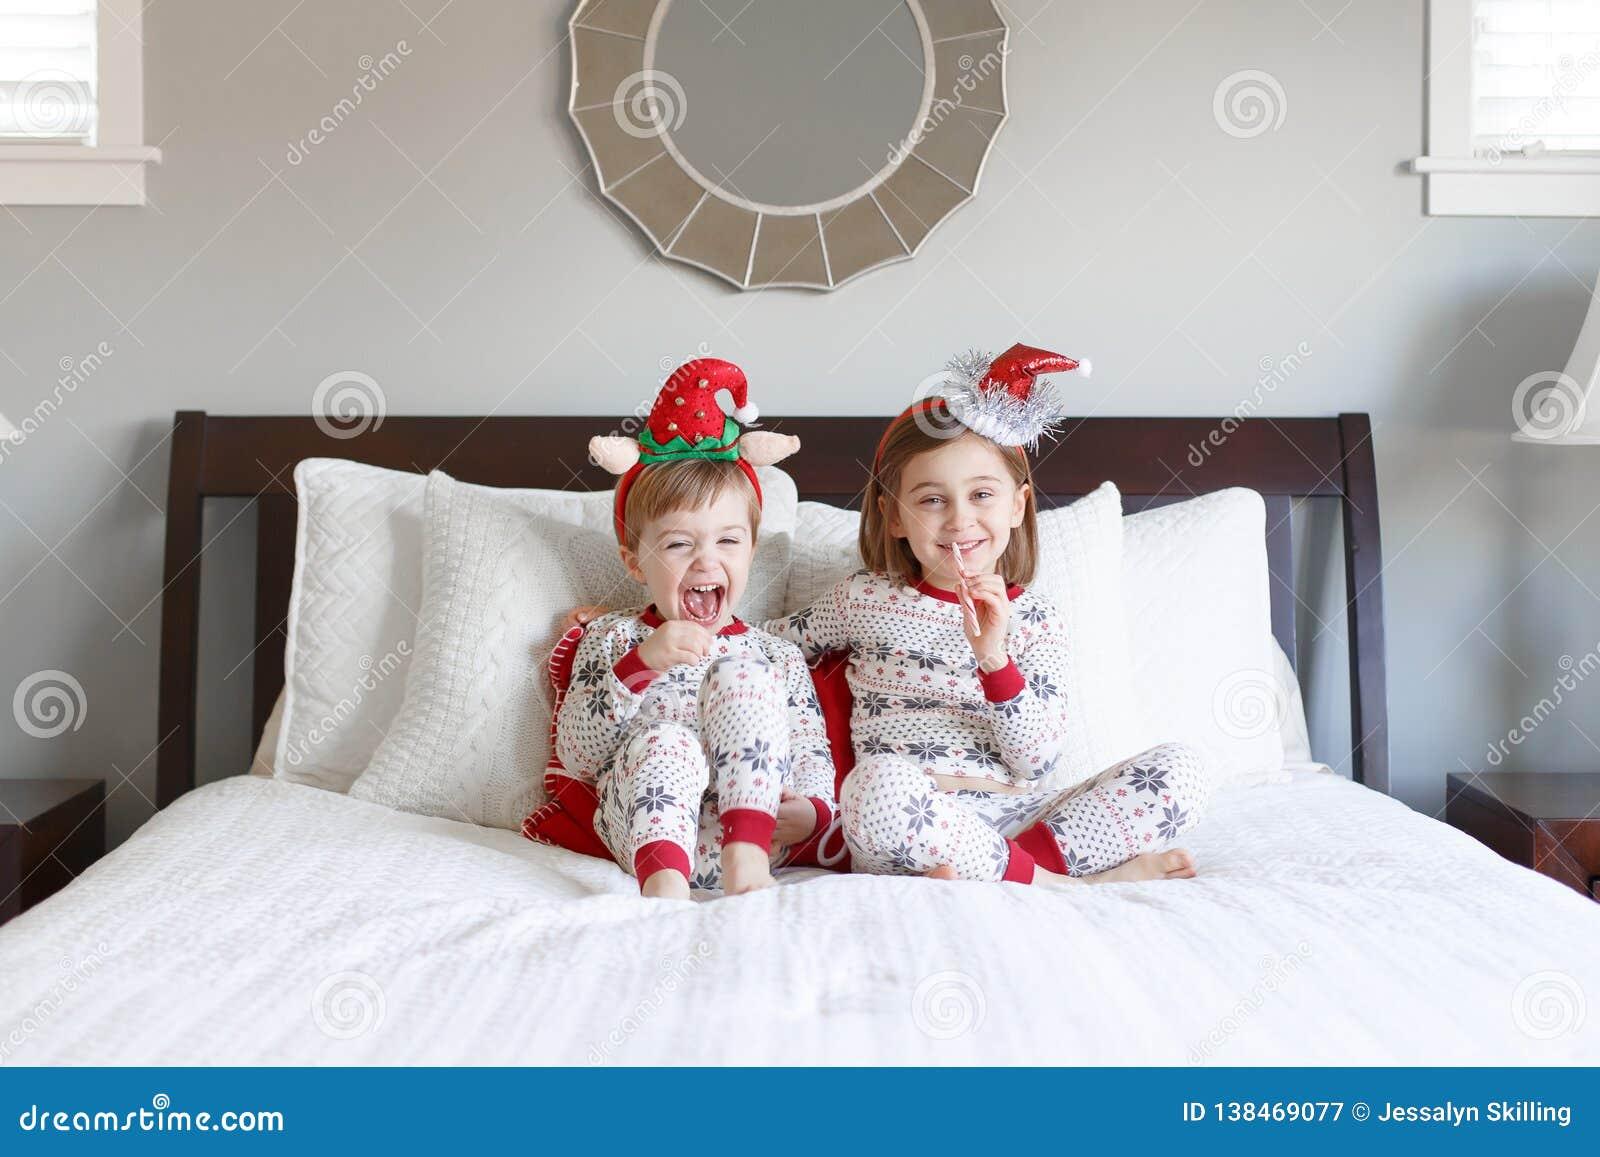 Junge und Mädchen auf Bett mit Weihnachtspyjamas